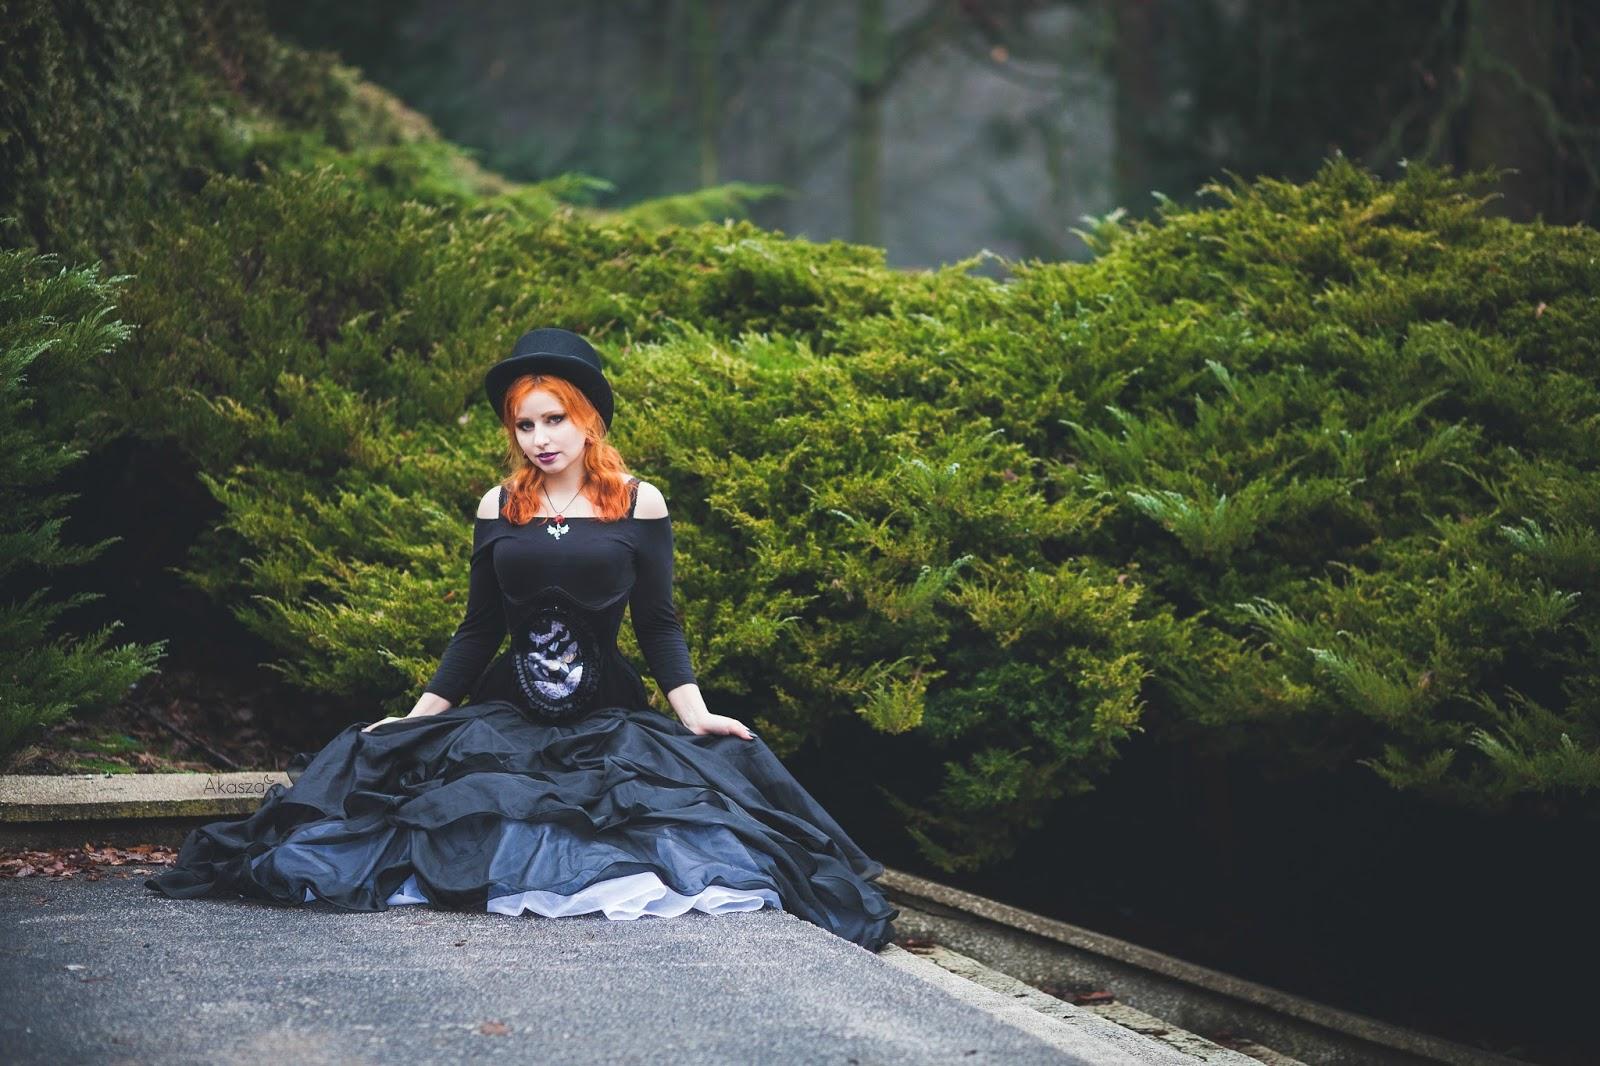 Gothic dreams vol2